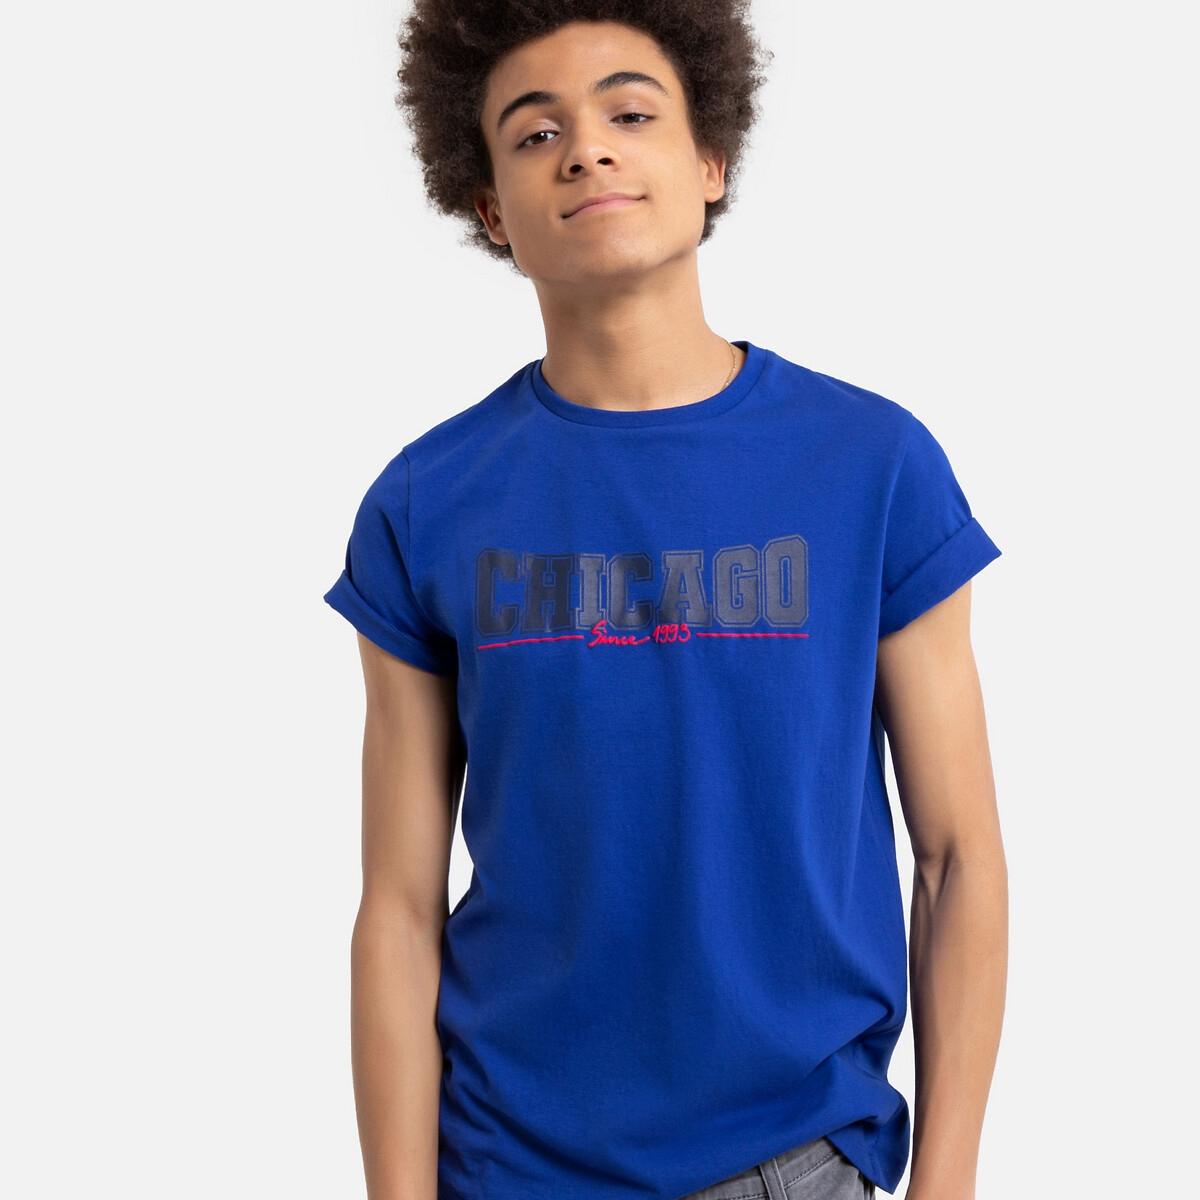 Футболка La Redoute С круглым вырезом и принтом 16 лет - 174 см синий футболка la redoute с круглым вырезом и принтом спереди 3 года 94 см серый